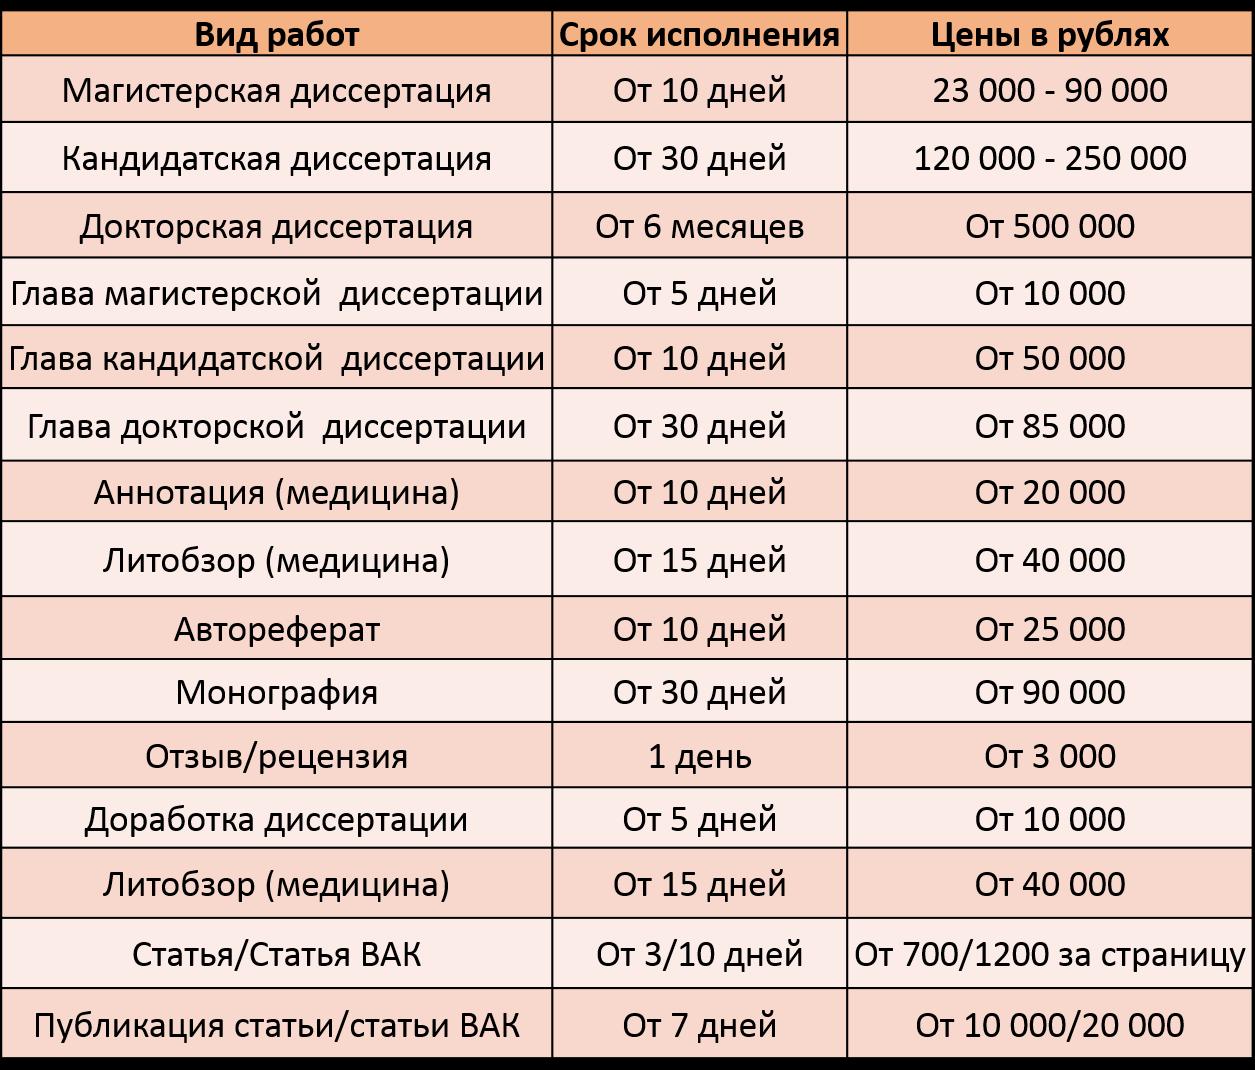 Цены Точная стоимость диссертации на заказ зависит от паспорта специальности темы исследования и ряда других факторов влияющих на трудоемкость написания